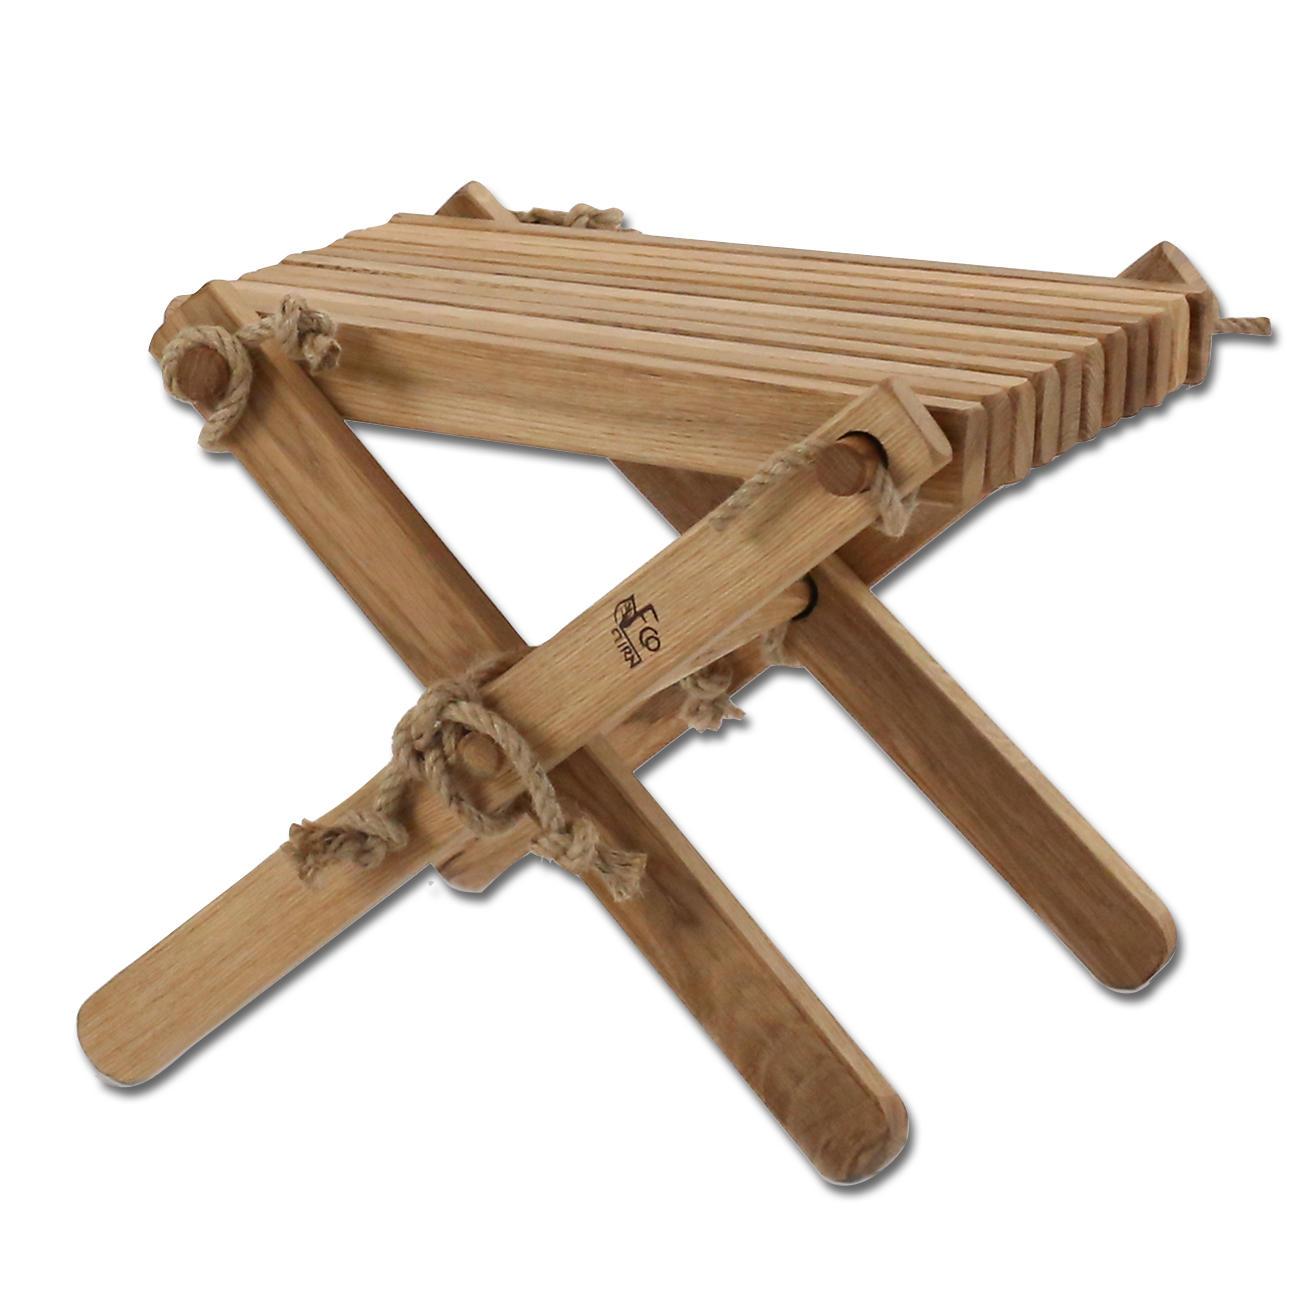 Full Size of Liegestuhl Klappbar Ikea Holz Skandinavischer Design Oder Beistellhocker Tisch Modulküche Sofa Mit Schlaffunktion Garten Betten 160x200 Küche Kosten Wohnzimmer Liegestuhl Klappbar Ikea